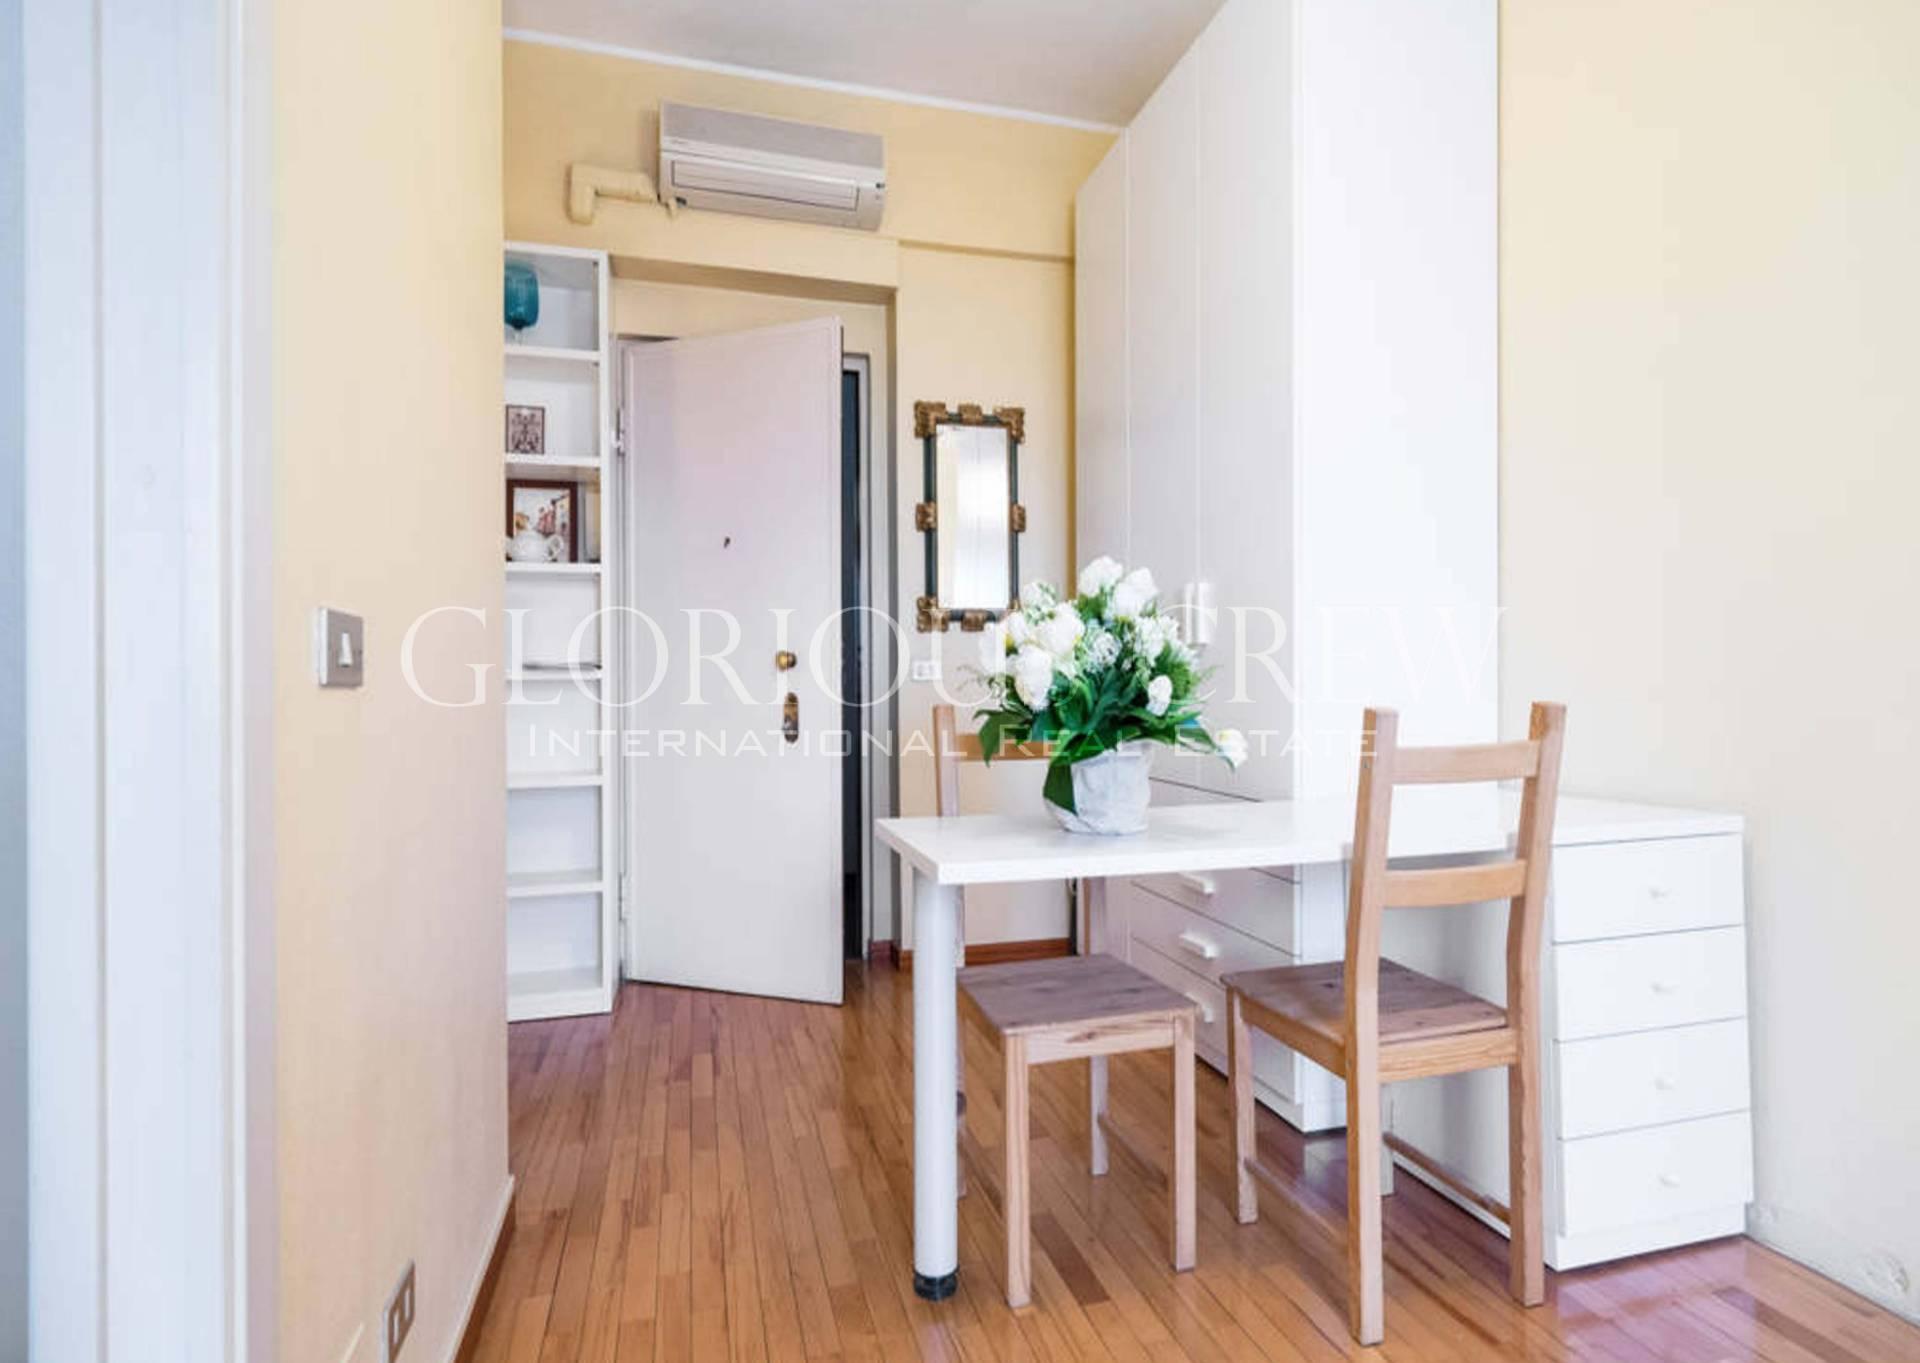 Appartamento in Affitto a Milano 01 Centro storico (Cerchia dei Navigli): 1 locali, 25 mq